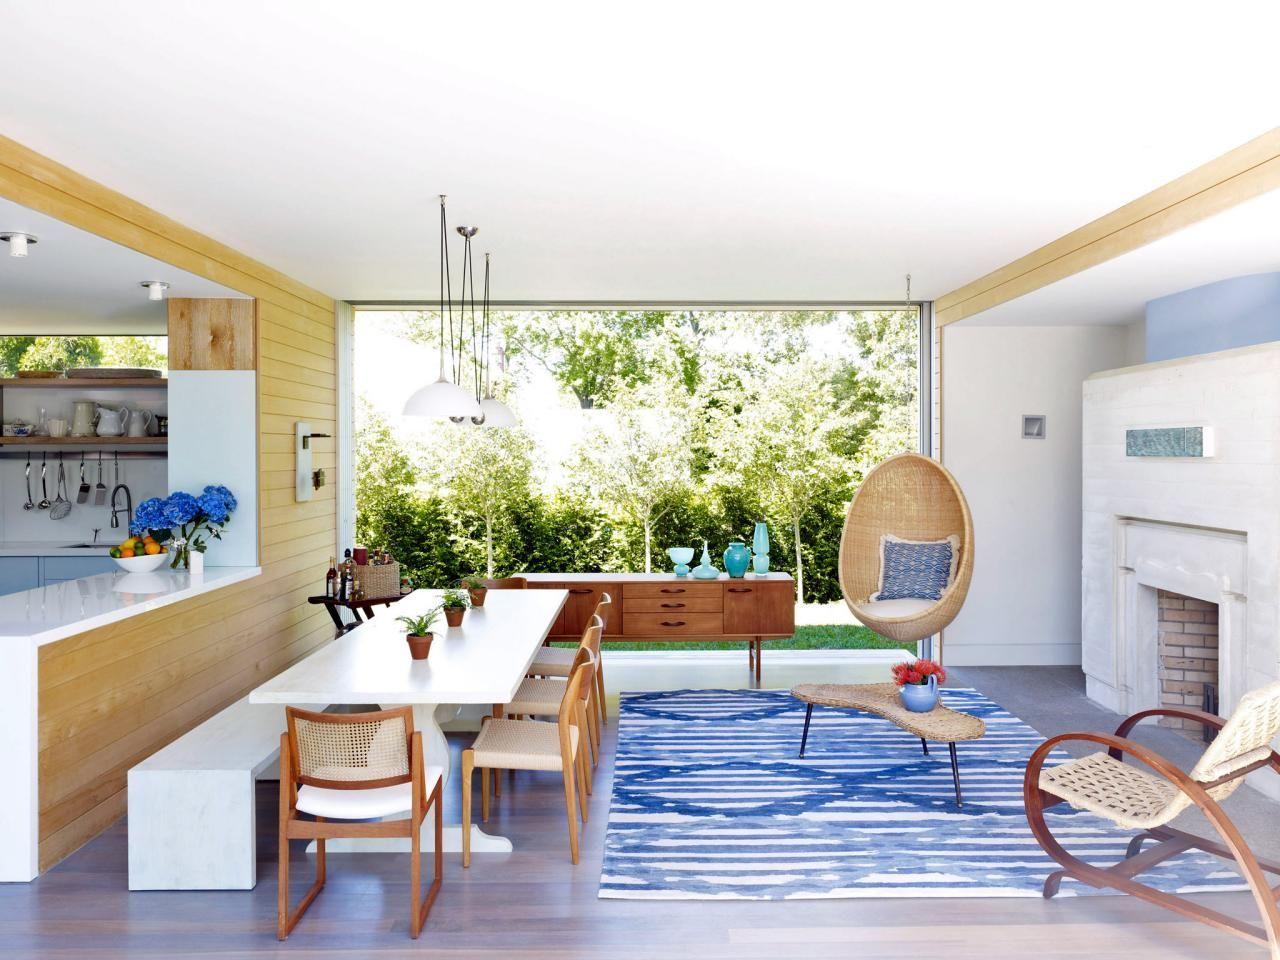 48 Gambar Desain Ruang Tamu Terbuka Gratis Terbaik Download Gratis